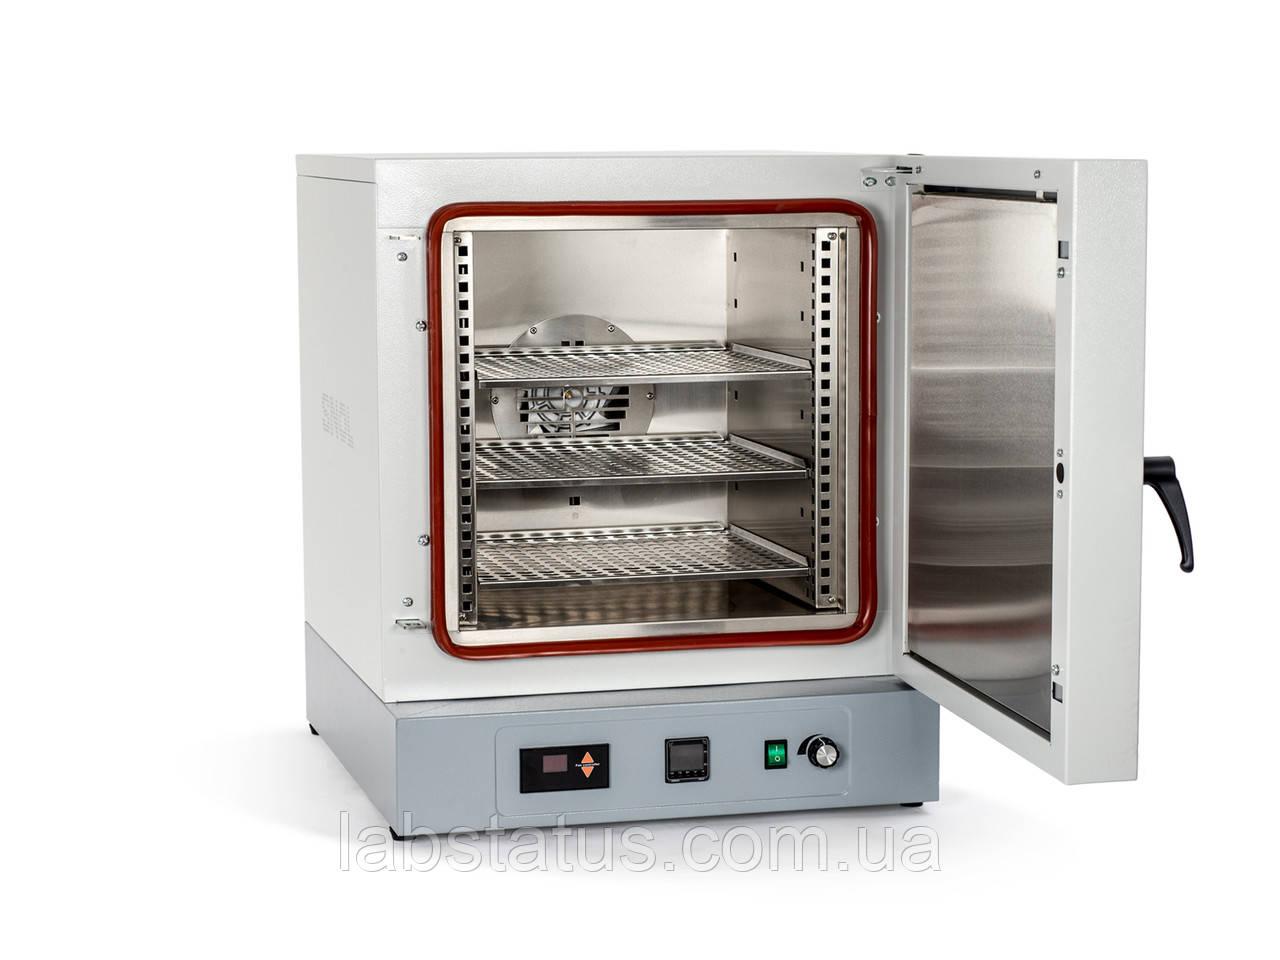 Сушильный шкаф SNOL 60/300 (рег. вент, н/ж, программ.)